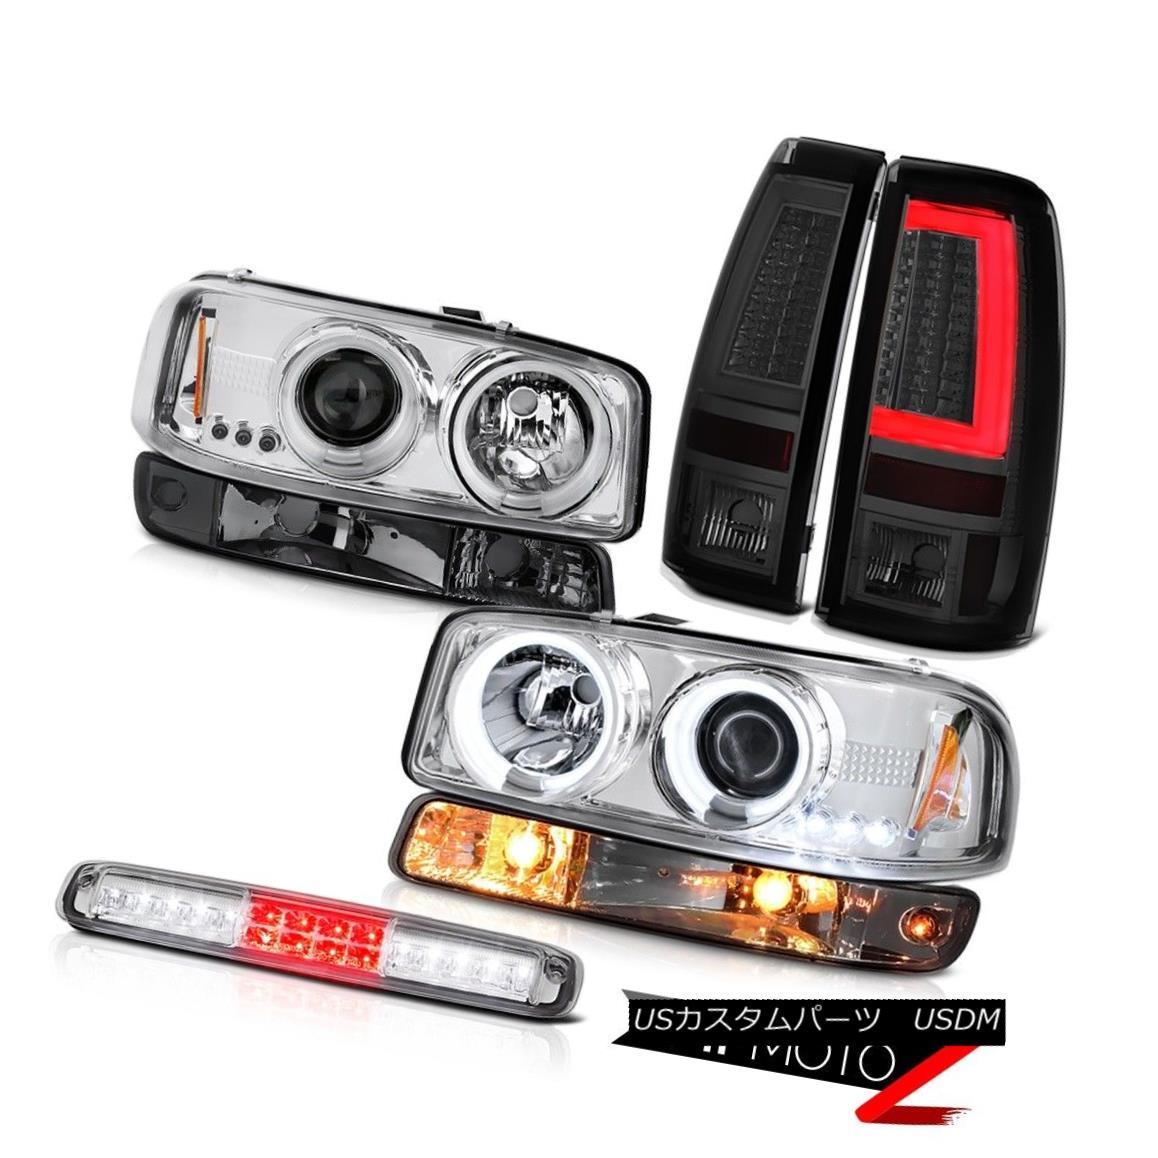 テールライト 99-06 Sierra SLE Taillamps Roof Brake Lamp Bumper Light CCFL Headlights Halo Rim 99-06 Sierra SLE Taillamps屋根用ブレーキランプバンパーライトCCFLヘッドライトHalo Rim